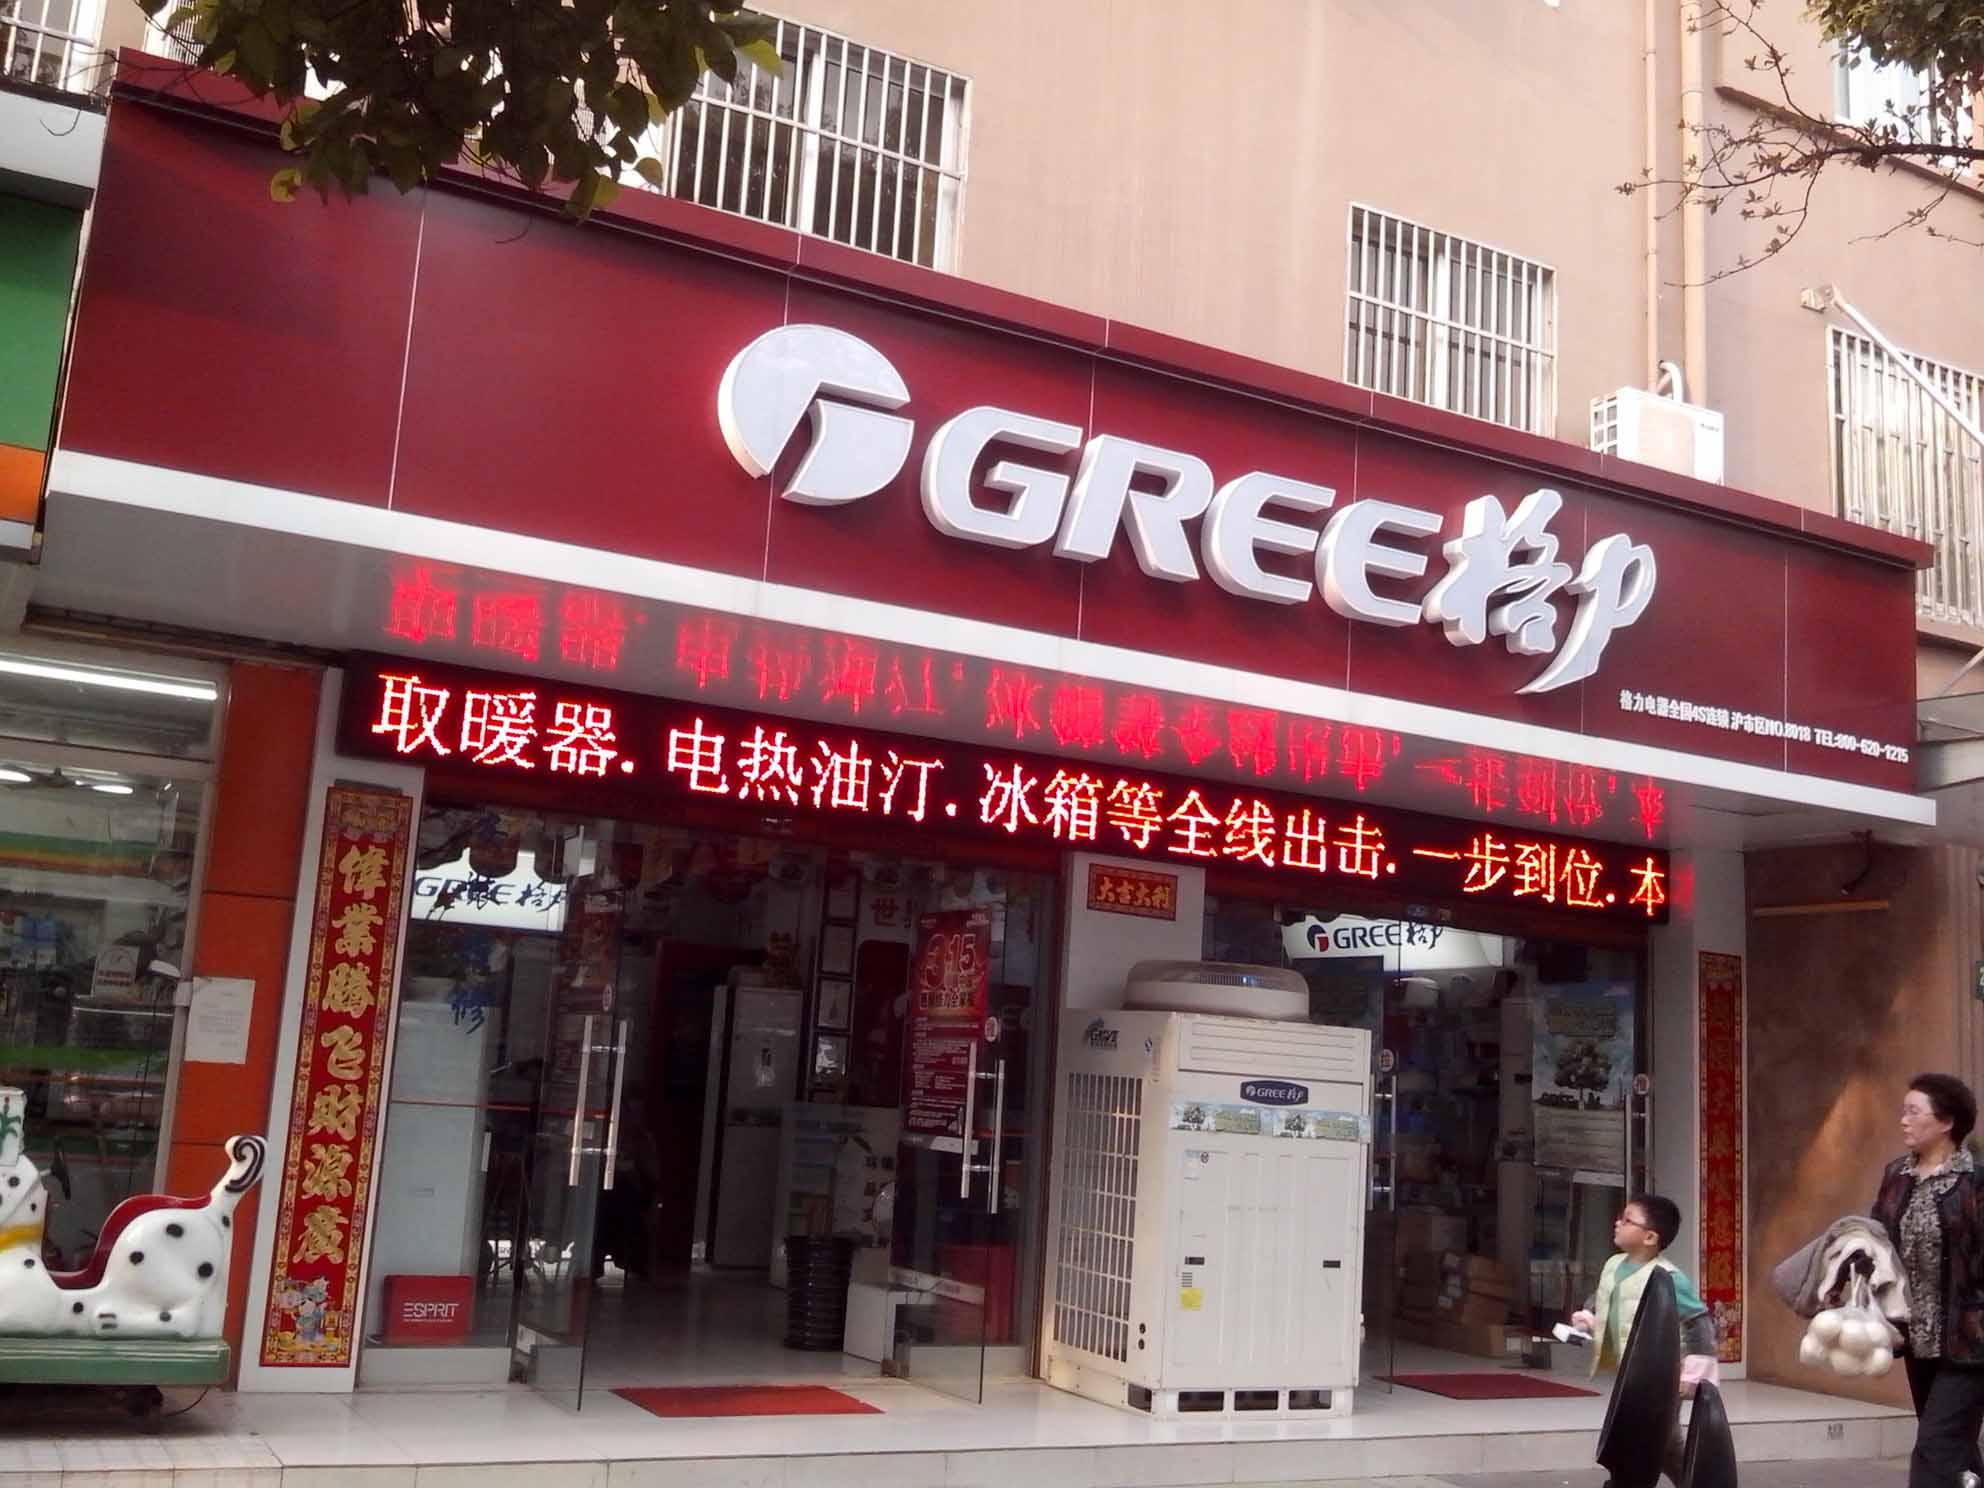 格力空调店_您现在的位置:格力空调直营店_格力空调专卖店_上海格力空调专卖店 >